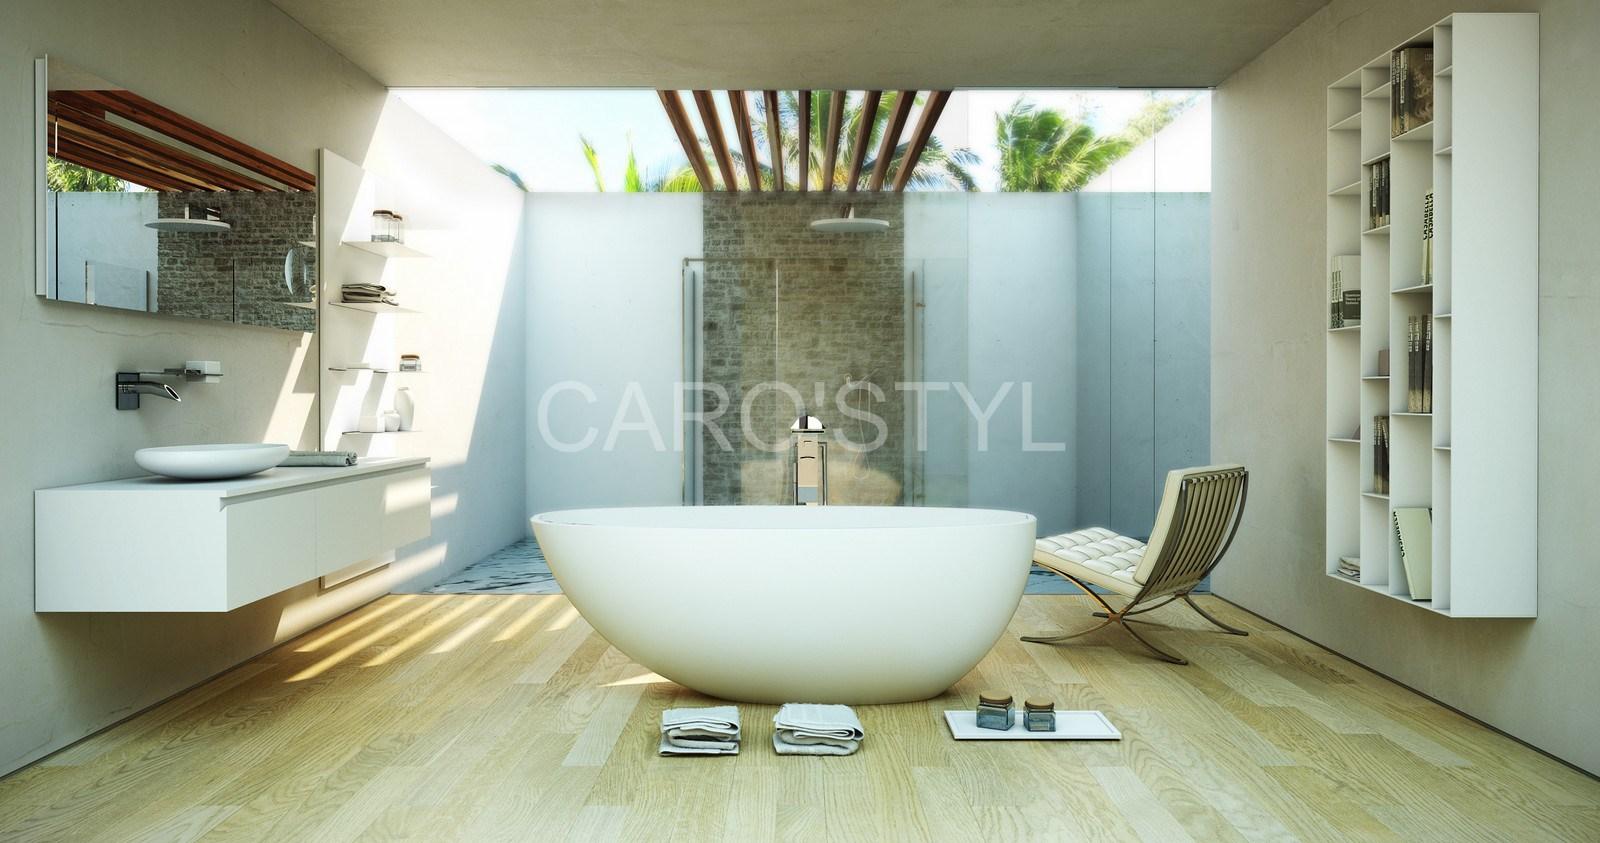 baignoire ilot - - Magasin de carrelage, pierre naturelle ...